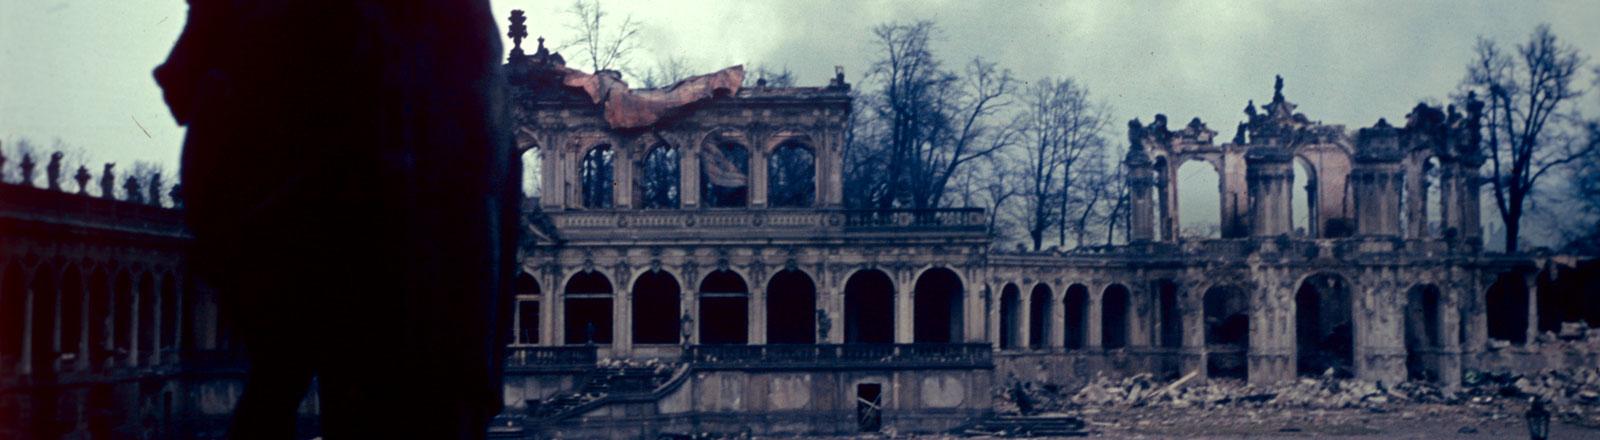 Nach den Luftangriffen der britischen und amerikanischen Alliierten auf Dresden vom 13. bis 15. Februar 1945 liegt der Dresdner Zwinger in Trümmern, im Hintergrund zeugen Rauchwolken von der noch brennenden Innenstadt.